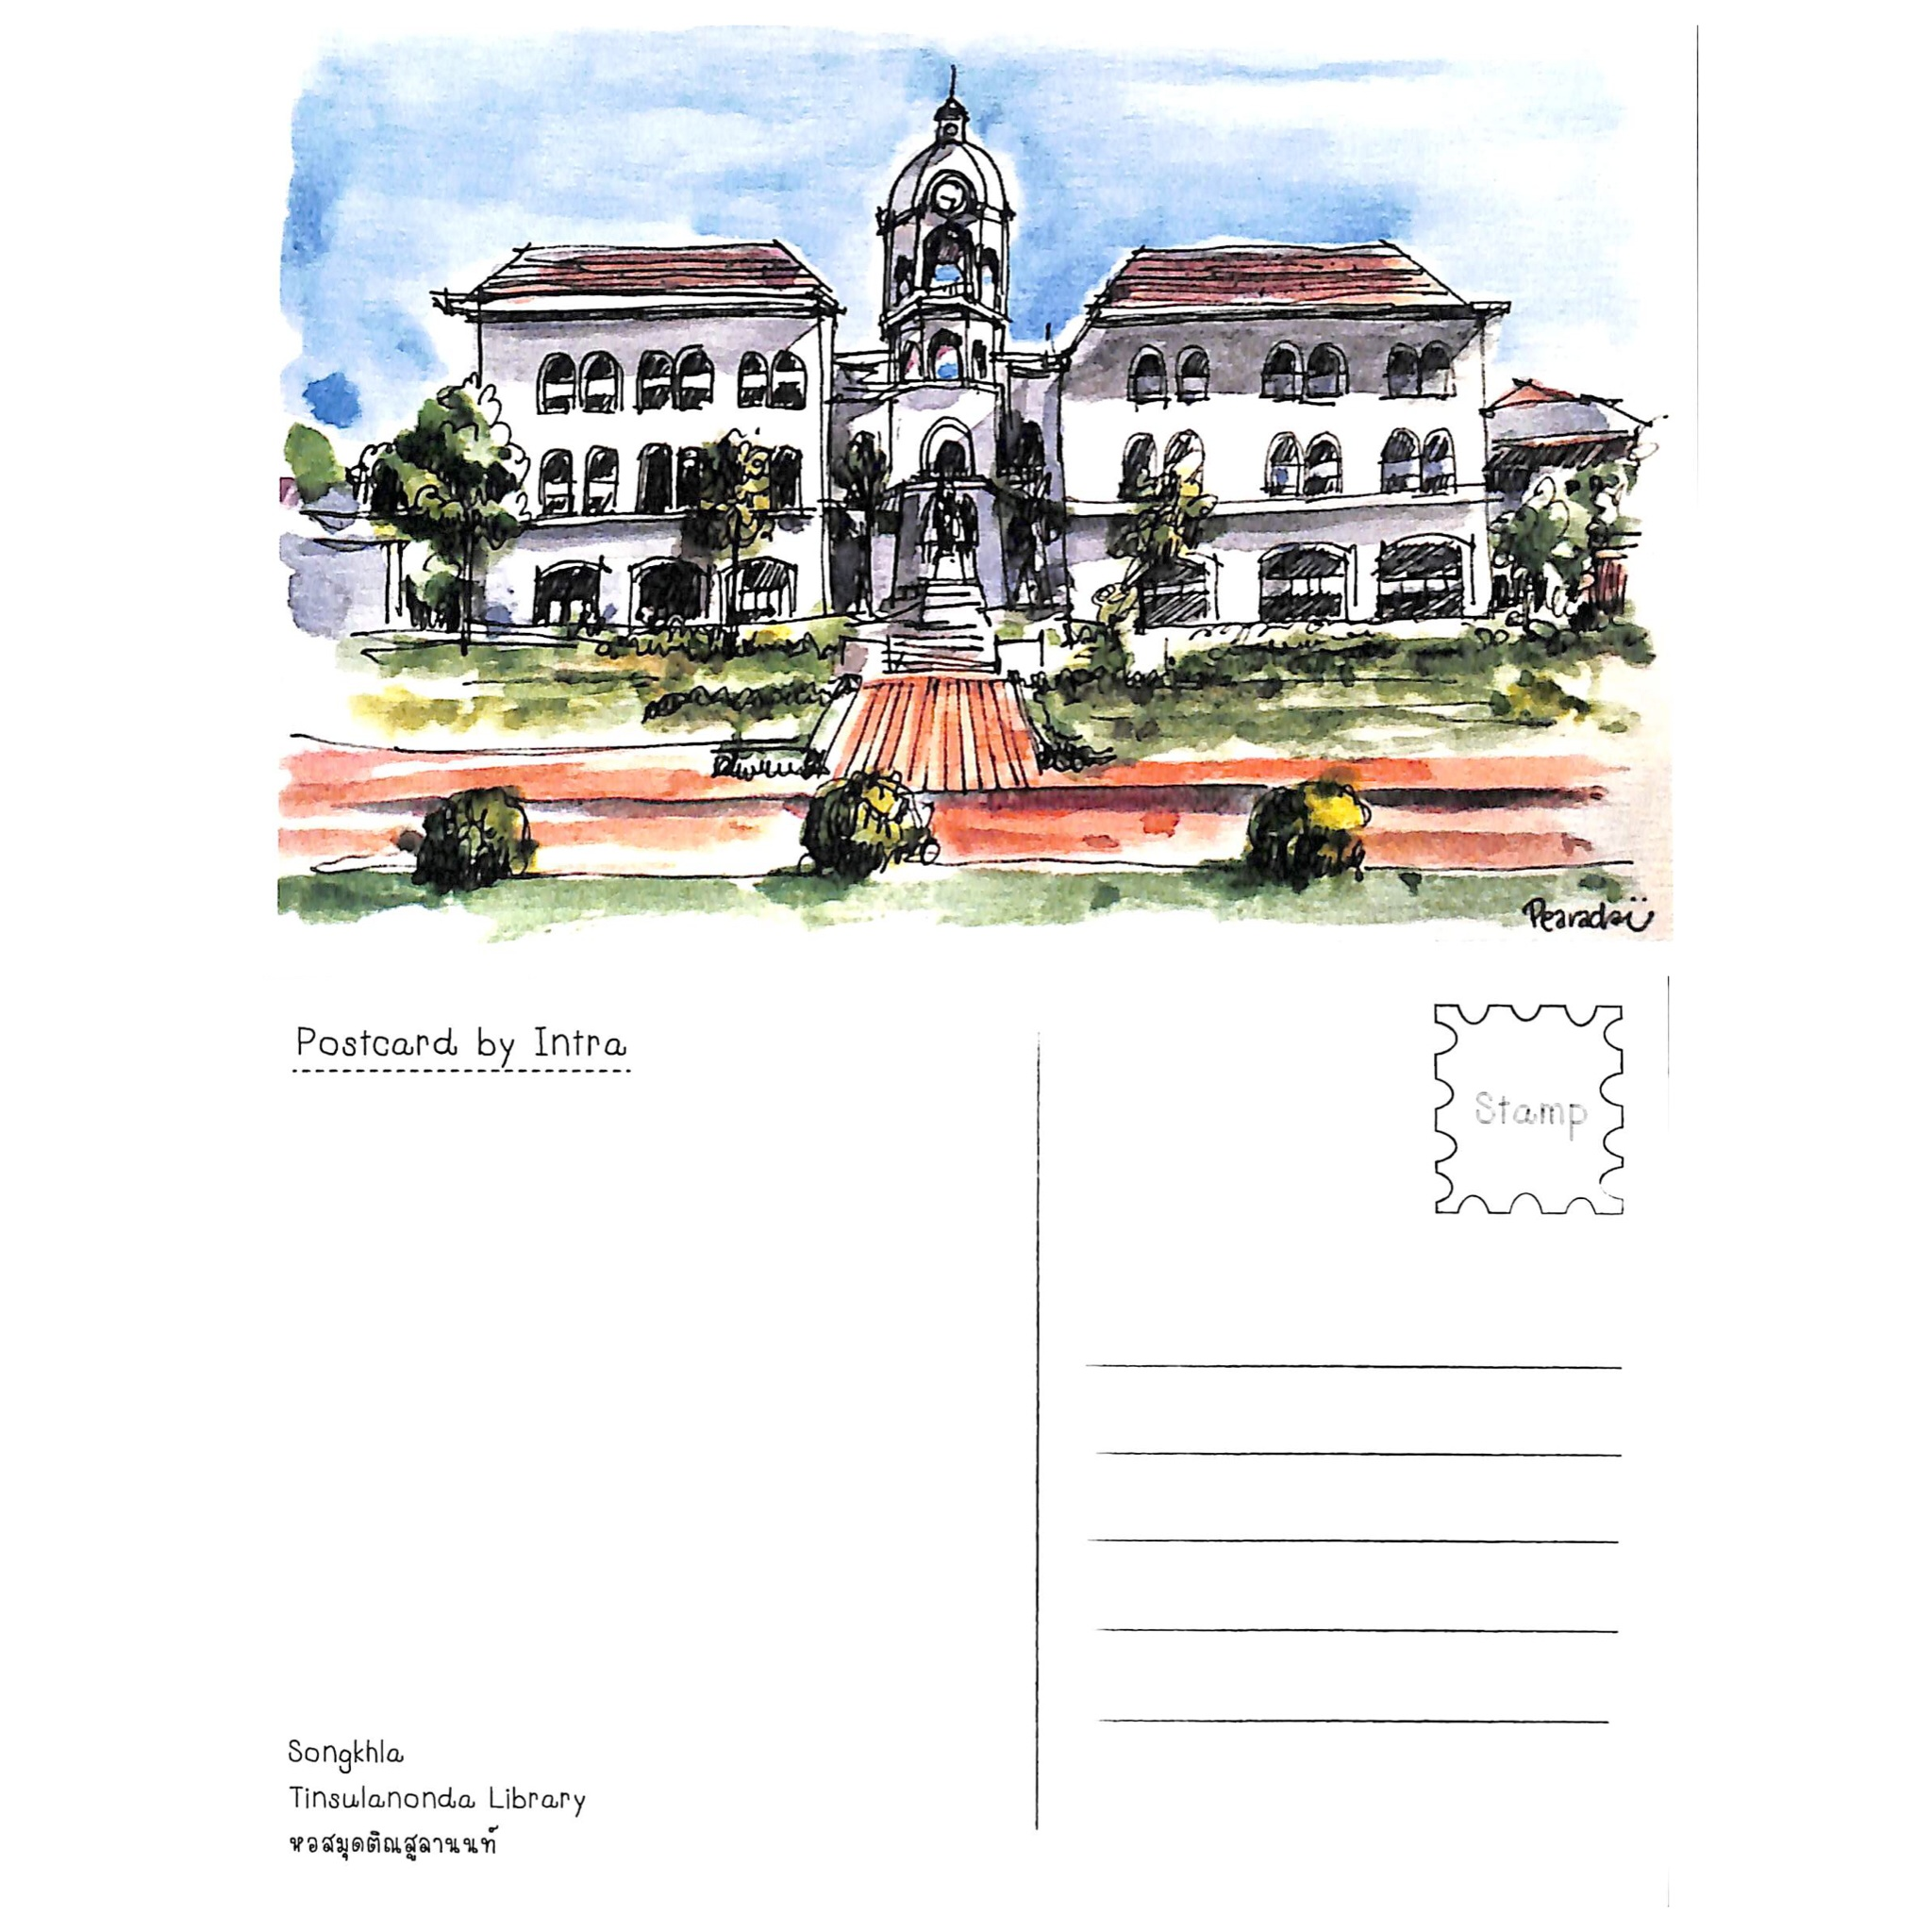 โปสการ์ด รูป หอสมุดโรงเรียนมหาวชิราวุธสงขลา (ลิขสิทธิ์จากร้านอินทรา)